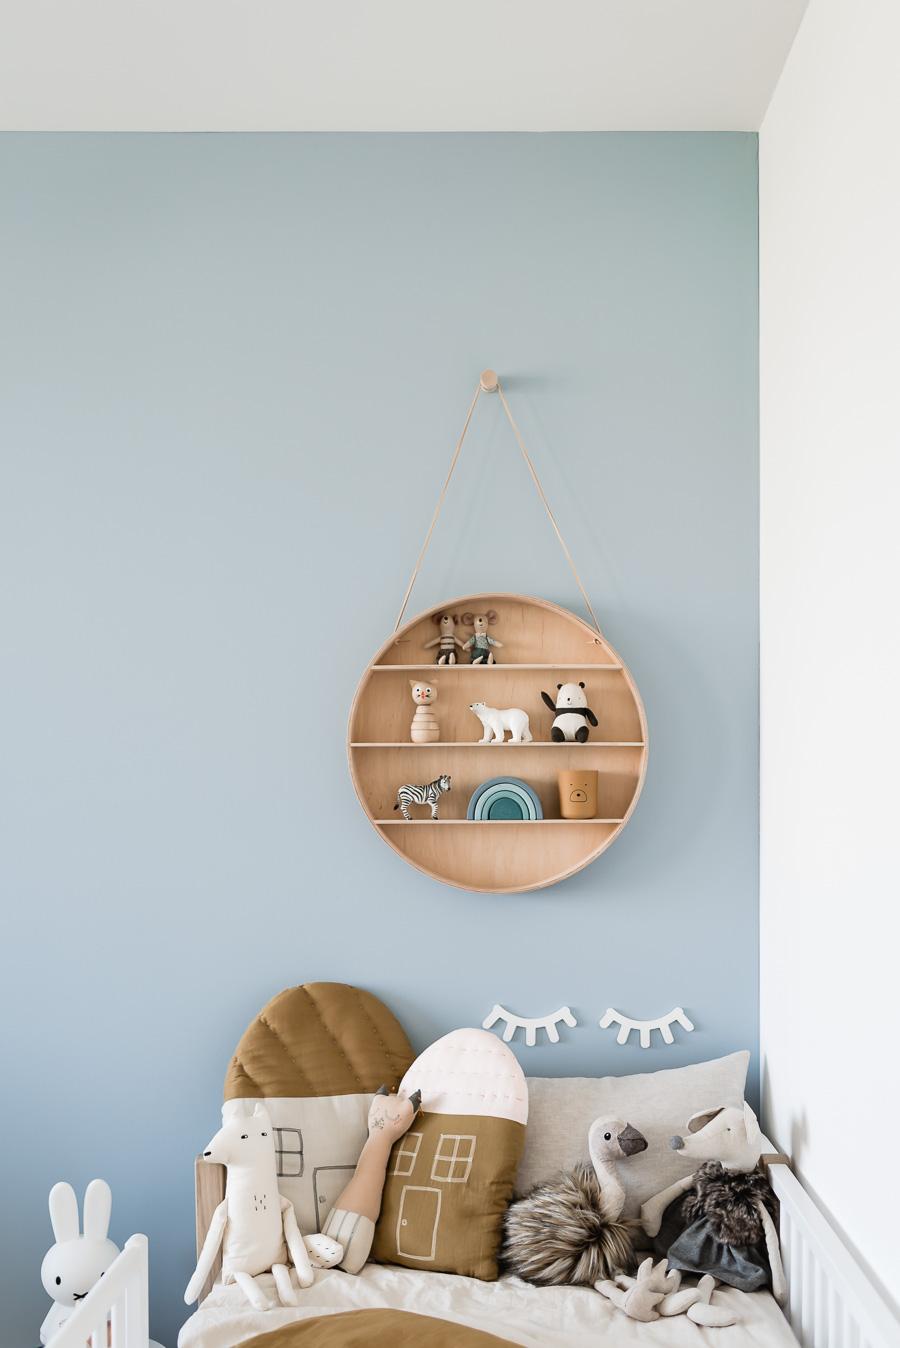 Kinderzimmer einrichten: Die schönsten Wandregale fürs Kinderzimmer #kinderzimmer #kidsroom #fermliving